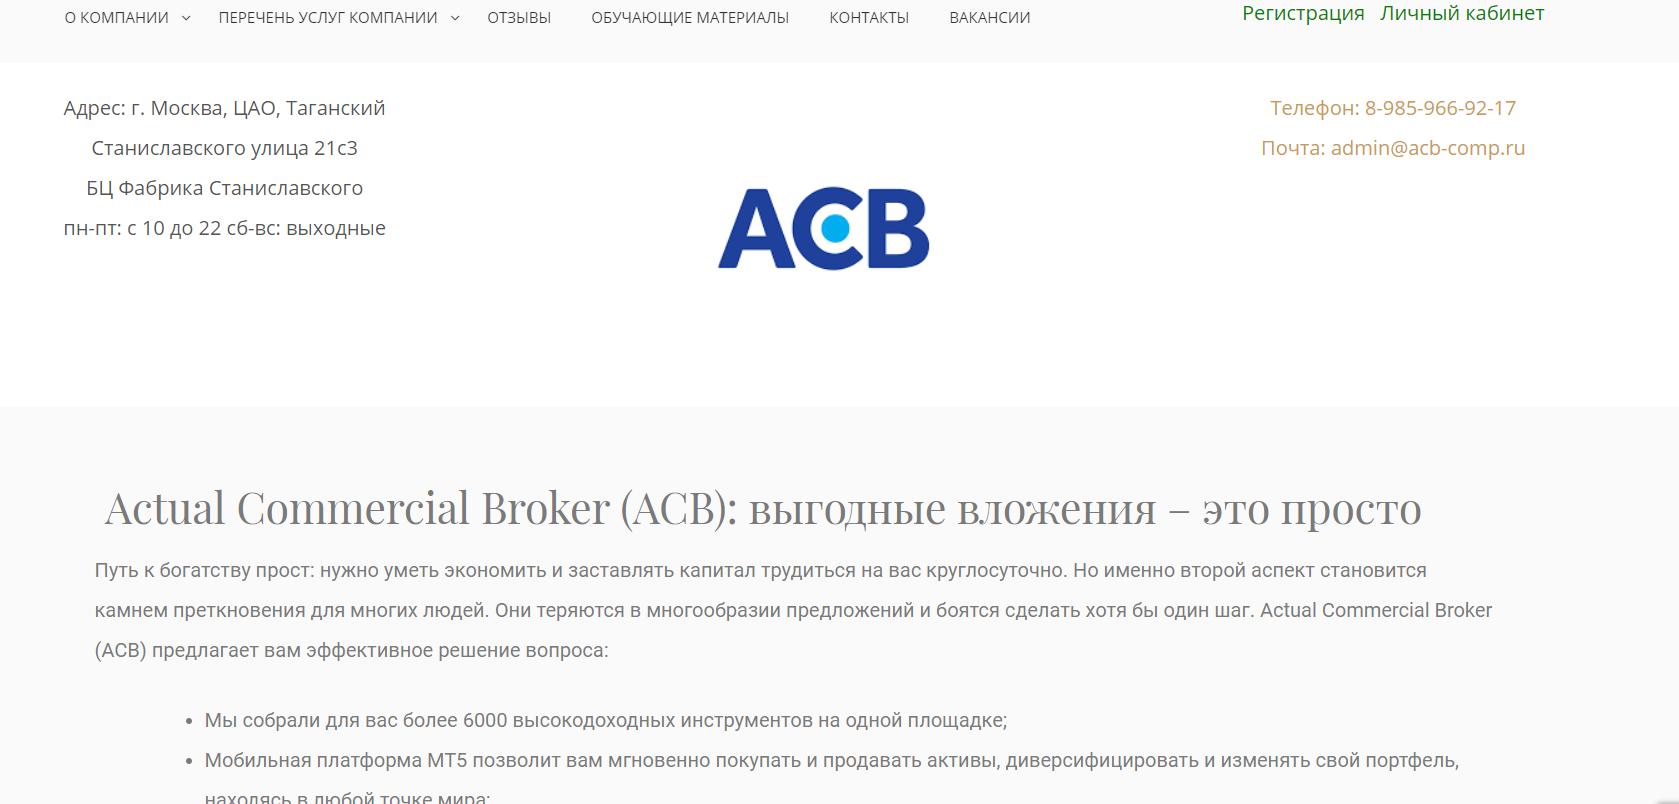 Главная страница сайта компании Actual Commercial Broker